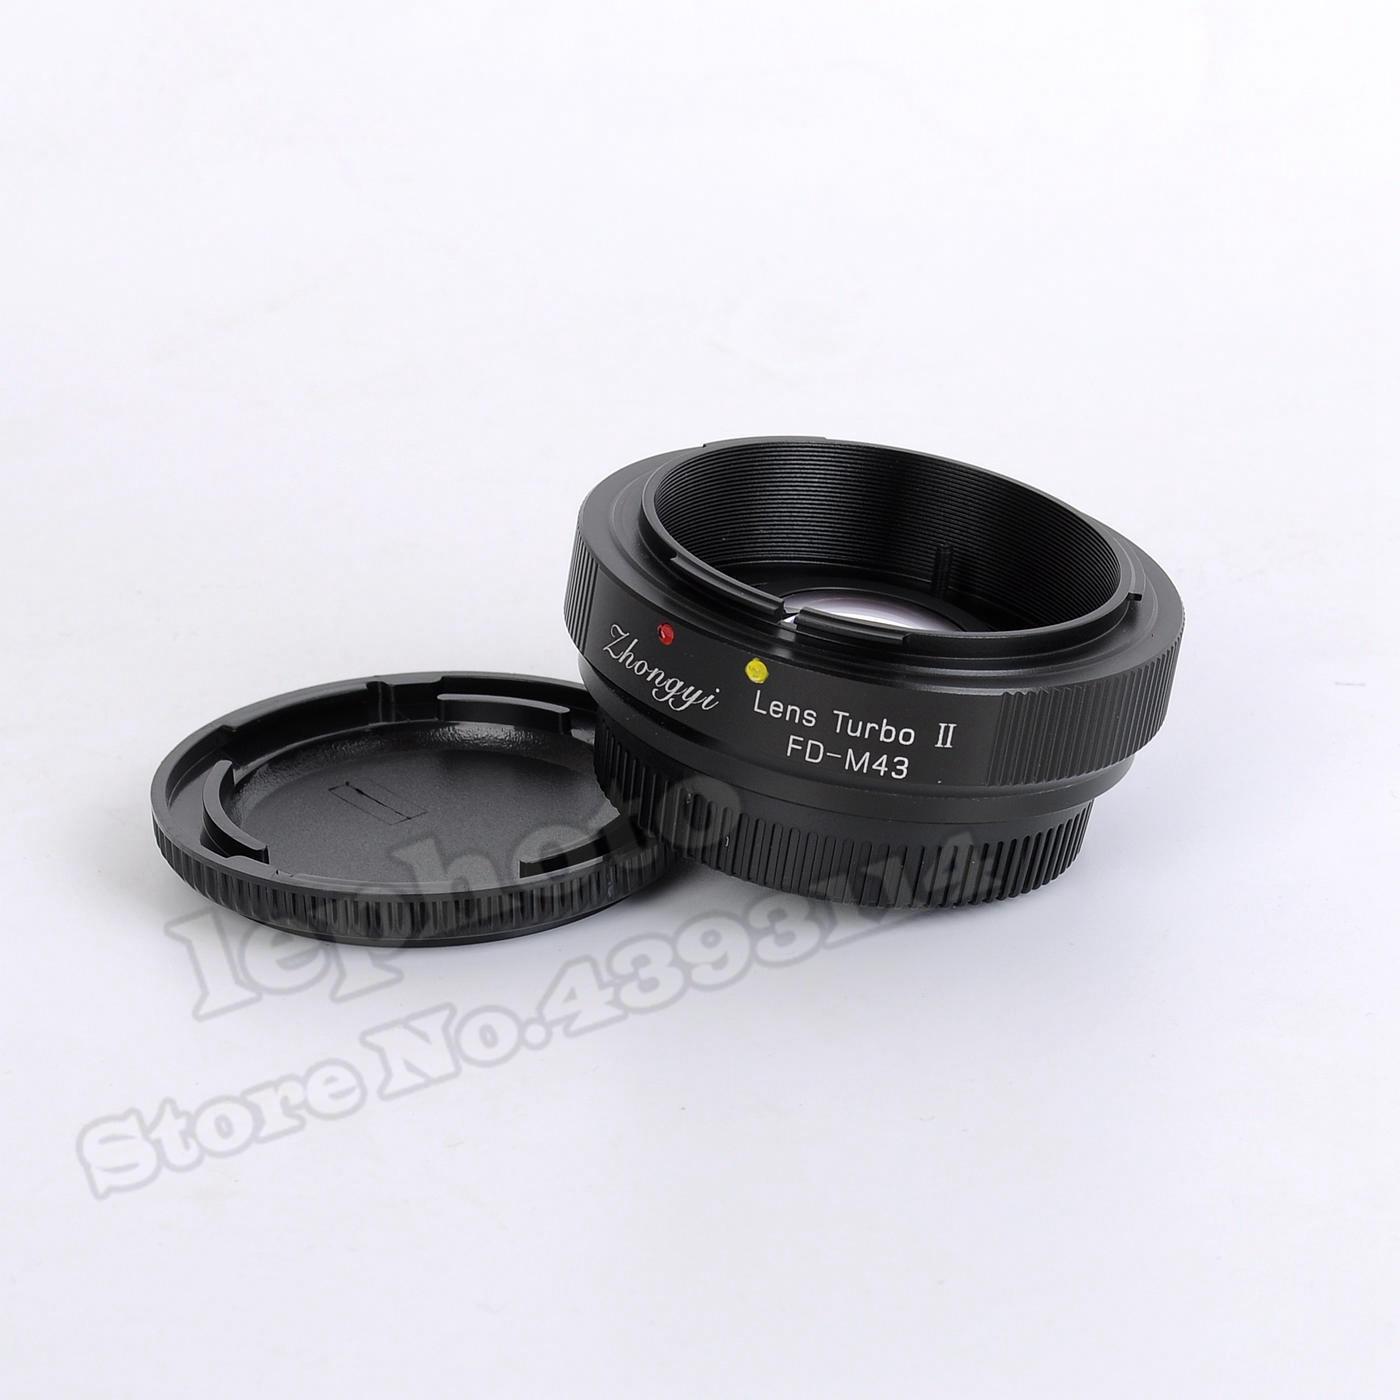 Mitakon Zhongyi obiektyw Turbo II ogniskowej reduktor wzmacniacz adapter do Canona FD mocowanie obiektywu do mikro cztery trzecie MFT kamera M43 GH4 OM D w Adaptery obiektywu od Elektronika użytkowa na  Grupa 1